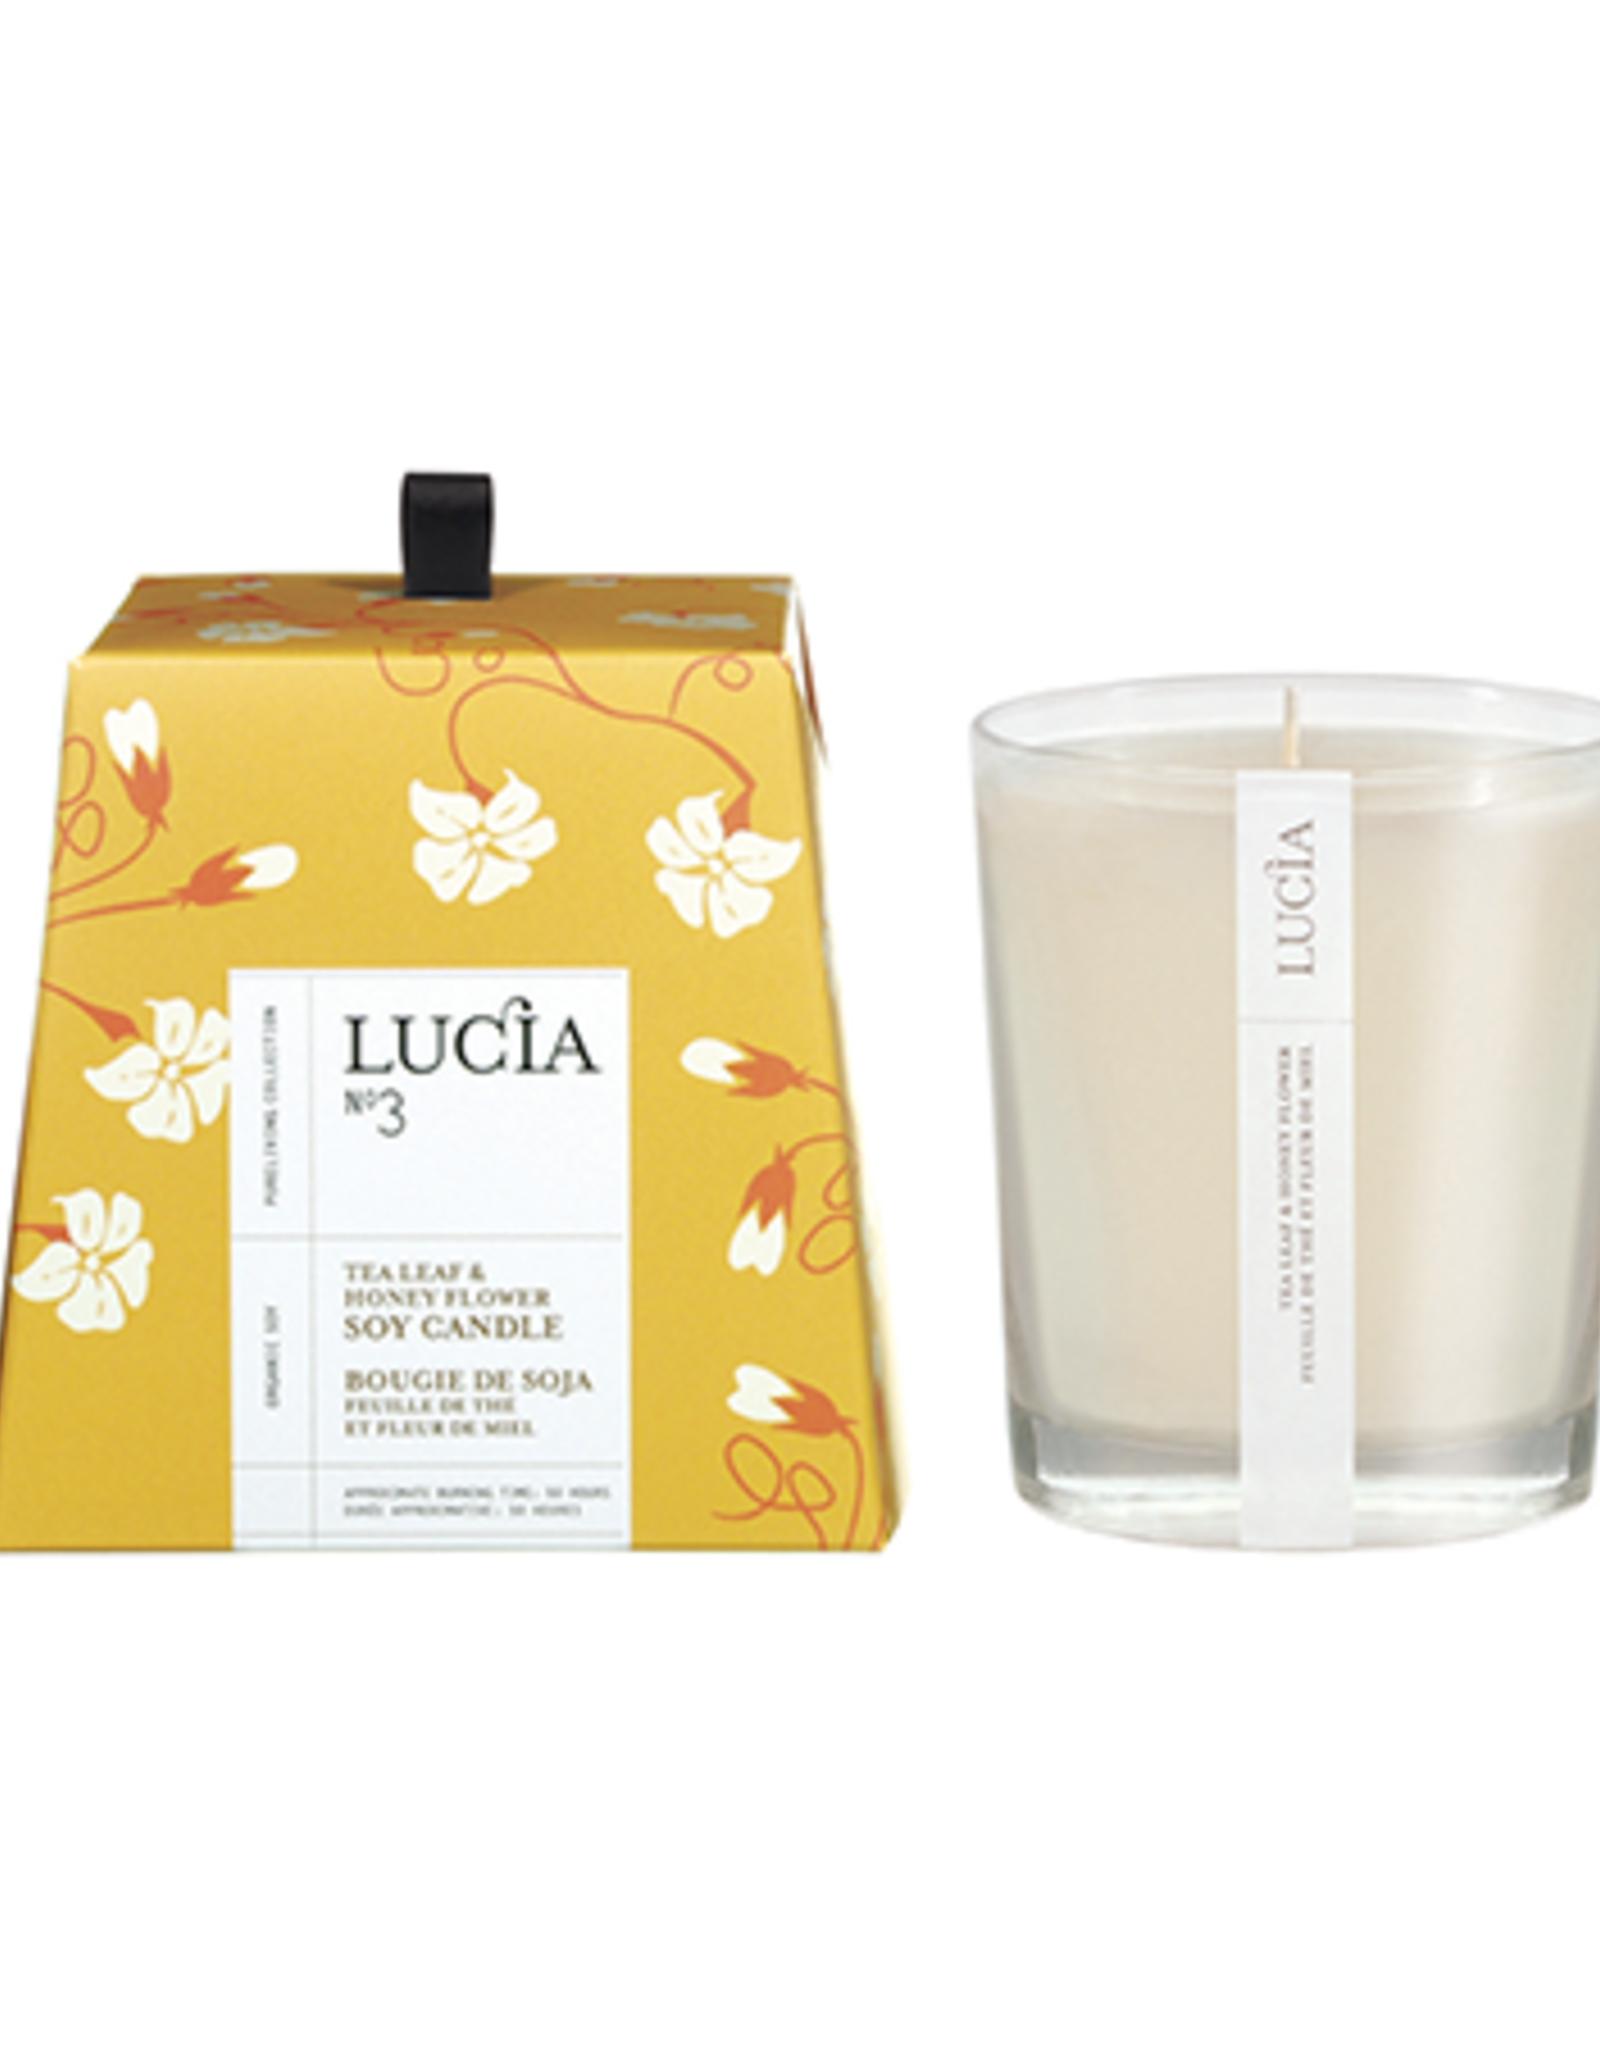 Lucia  par  Pure Living Bougie soja feuille de thé et miel sauvage 50 hr